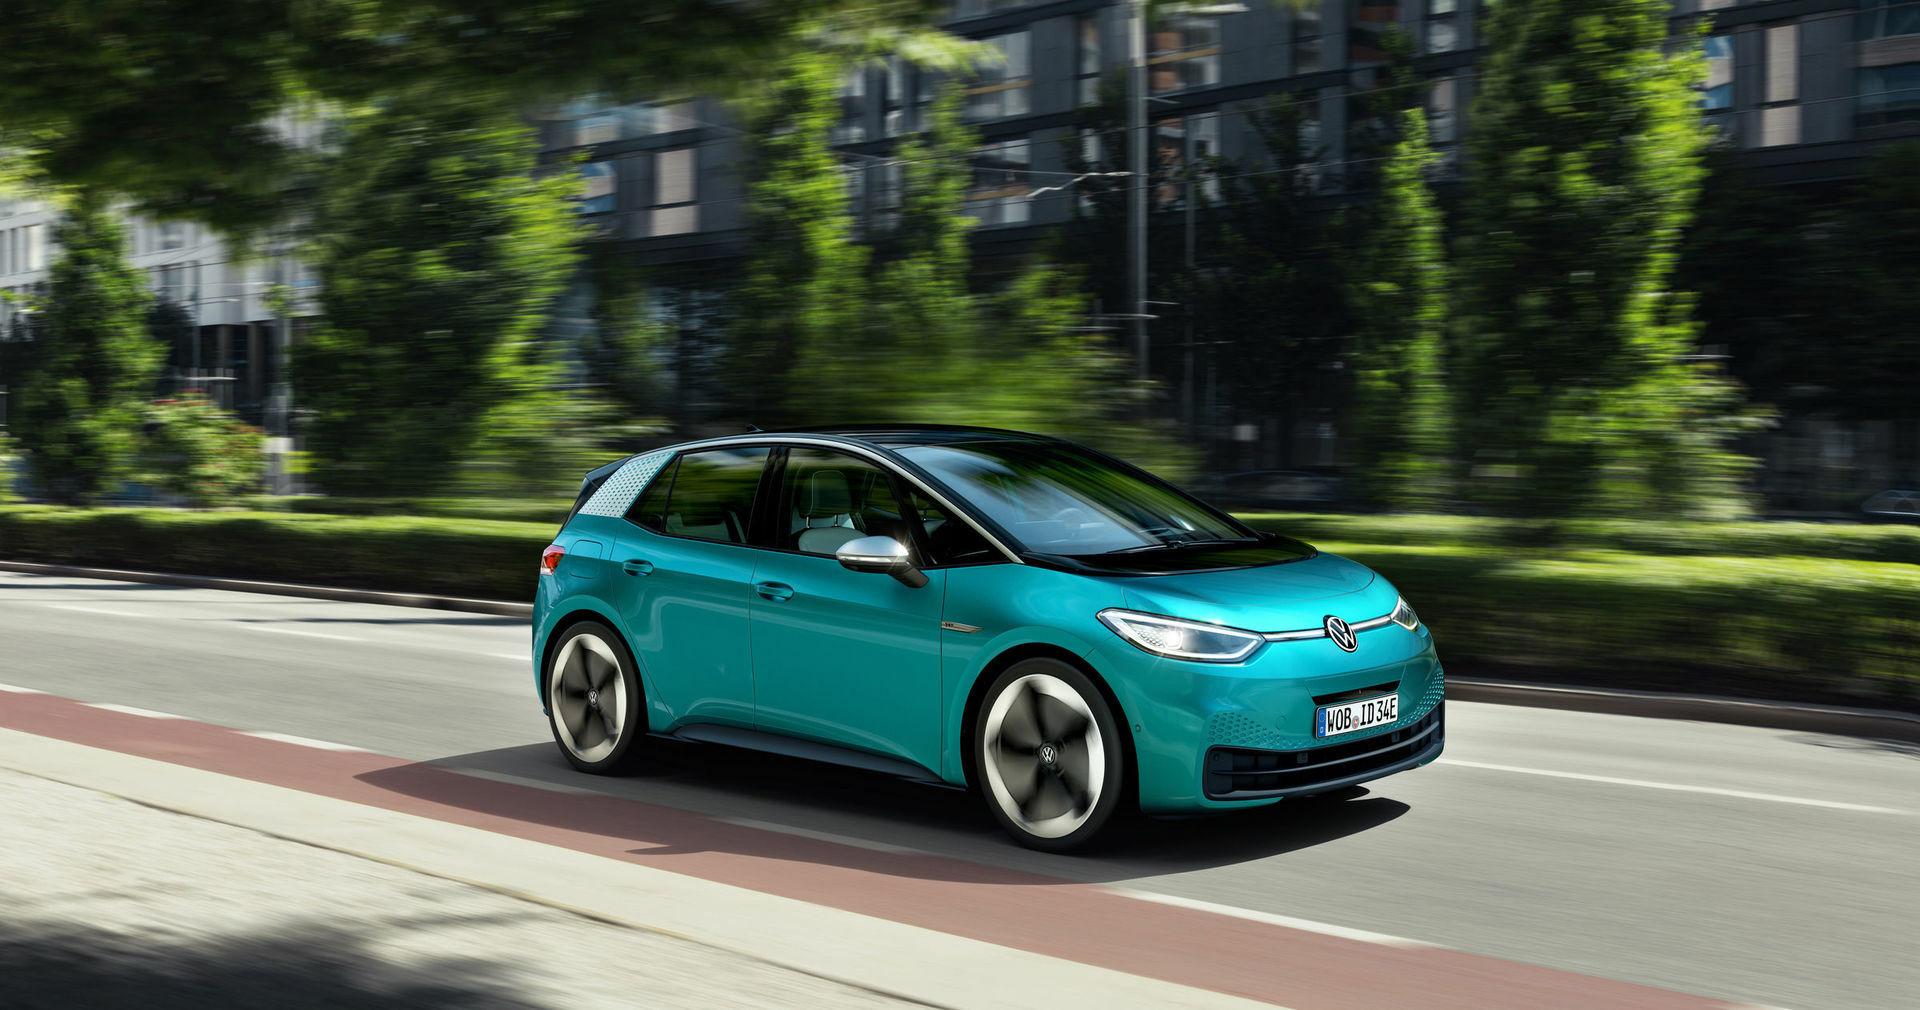 """""""Volkswagen"""" pasauliui parodė naująjį savo šedevrą ir būsimą kompanijos veidą - ID.3 taps šeimos elektromobiliu kiekvienam?"""